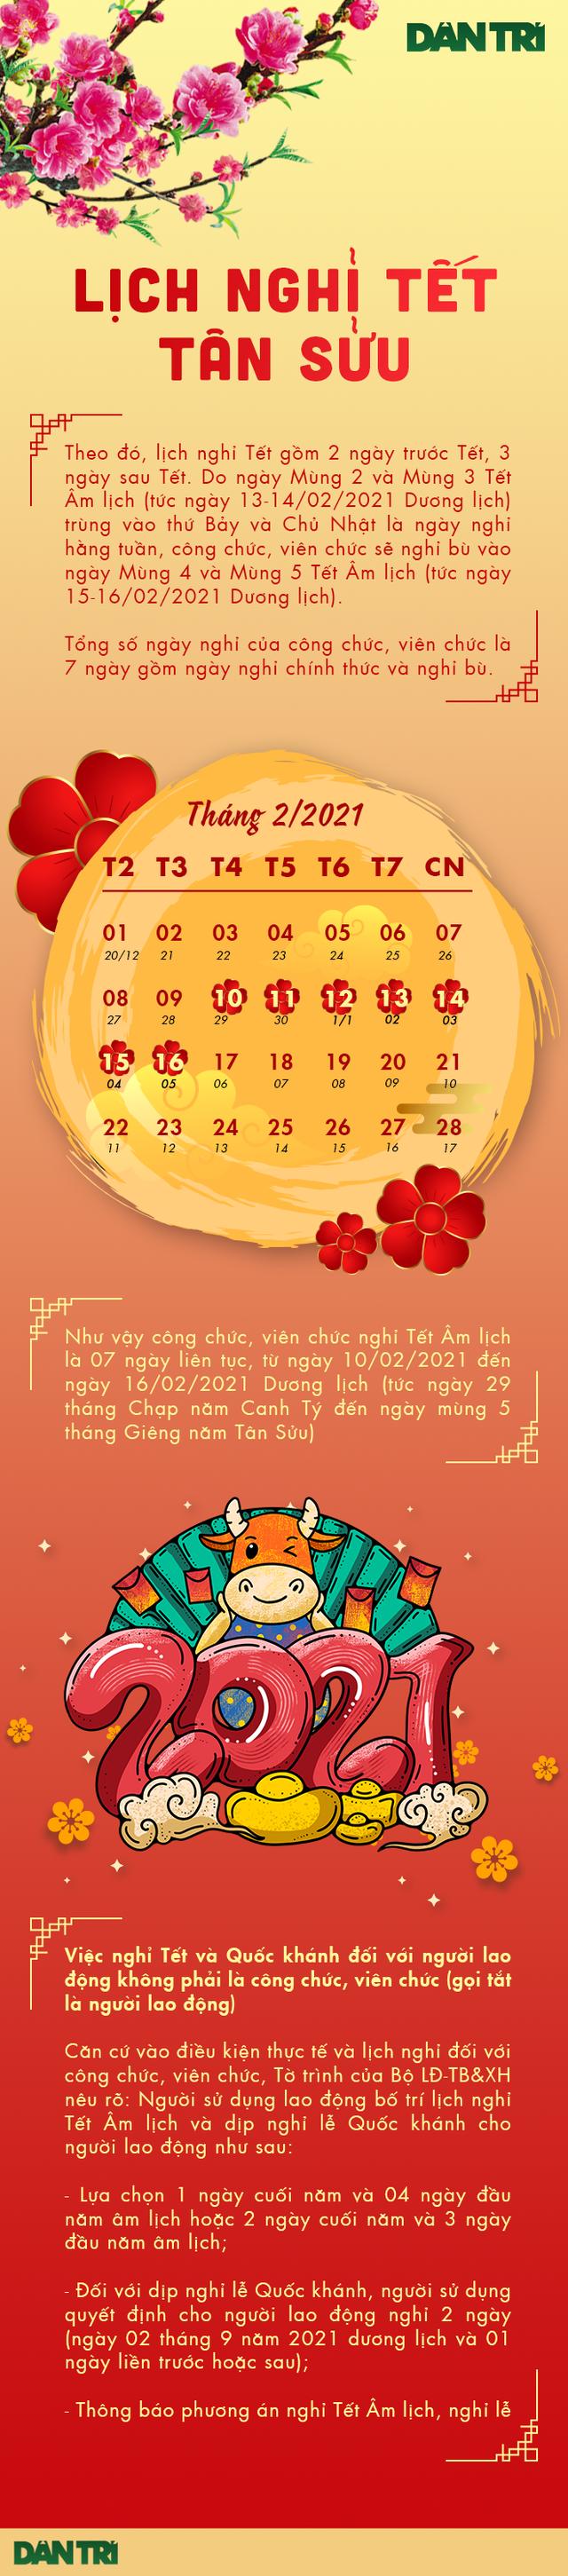 Infographic: Lịch nghỉ Tết Nguyên đán Tân Sửu và Quốc khánh 2/9 - 1